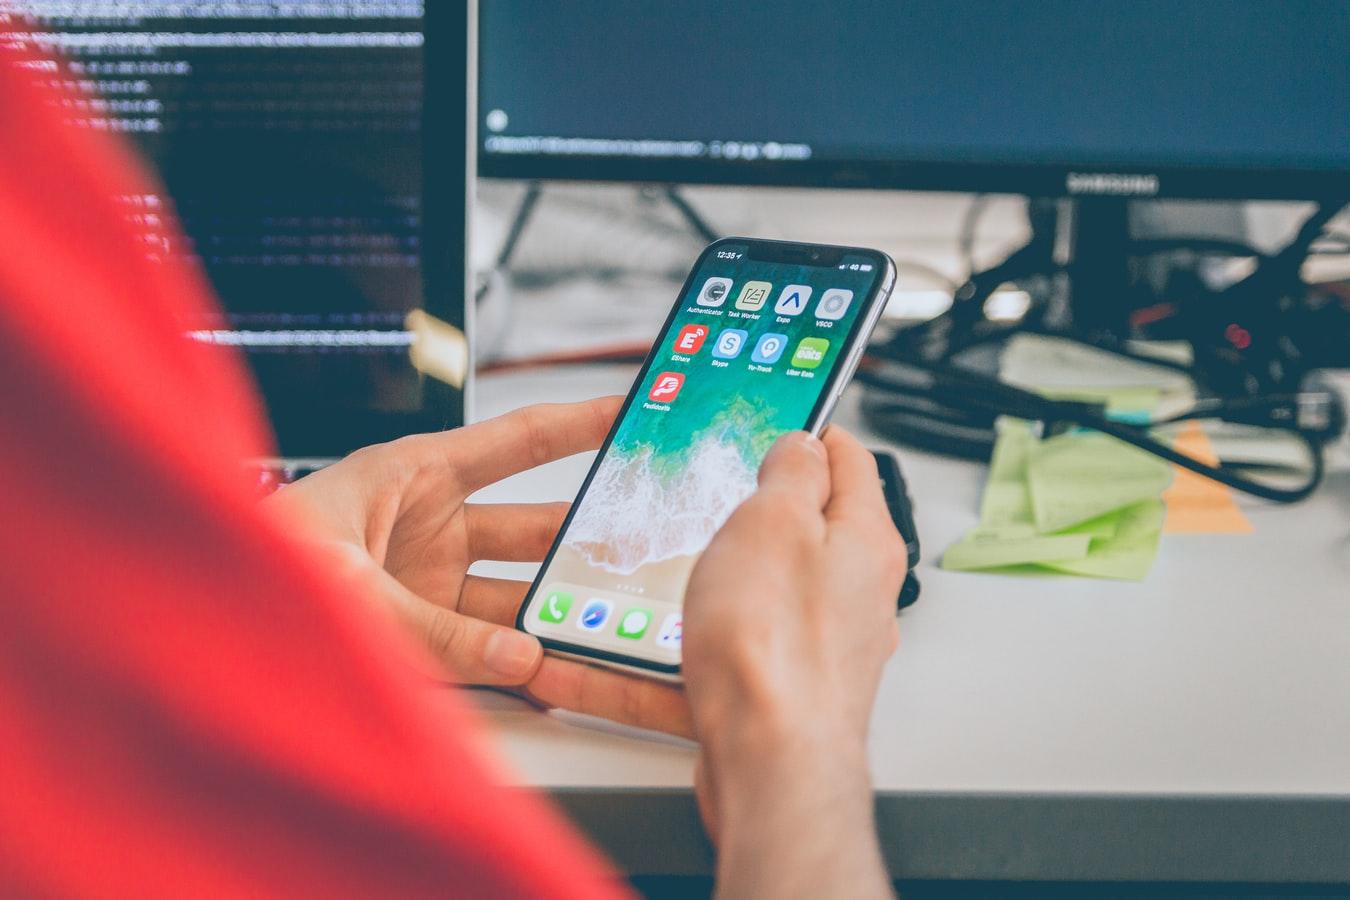 Un jeune homme manipulant un smartphone, près d'une table de travail sur laquelle repose un ordinateur.